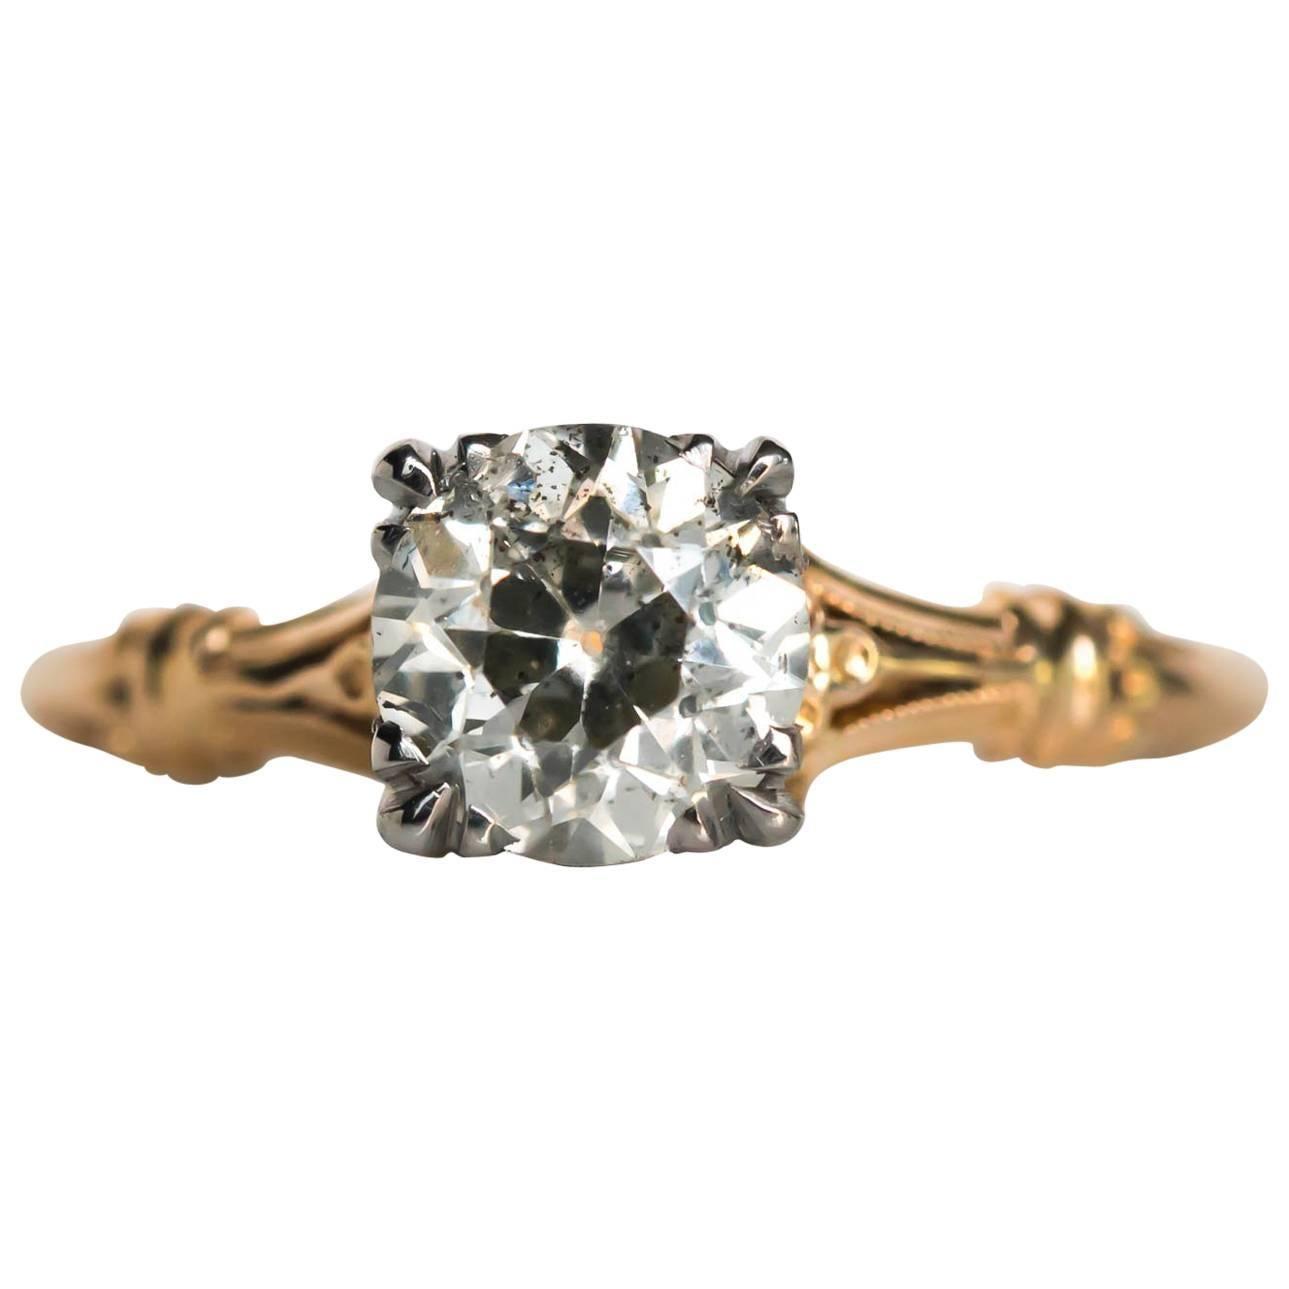 1910s Edwardian Yellow Gold GIA Certified .99 Carat Diamond Engagement Ring